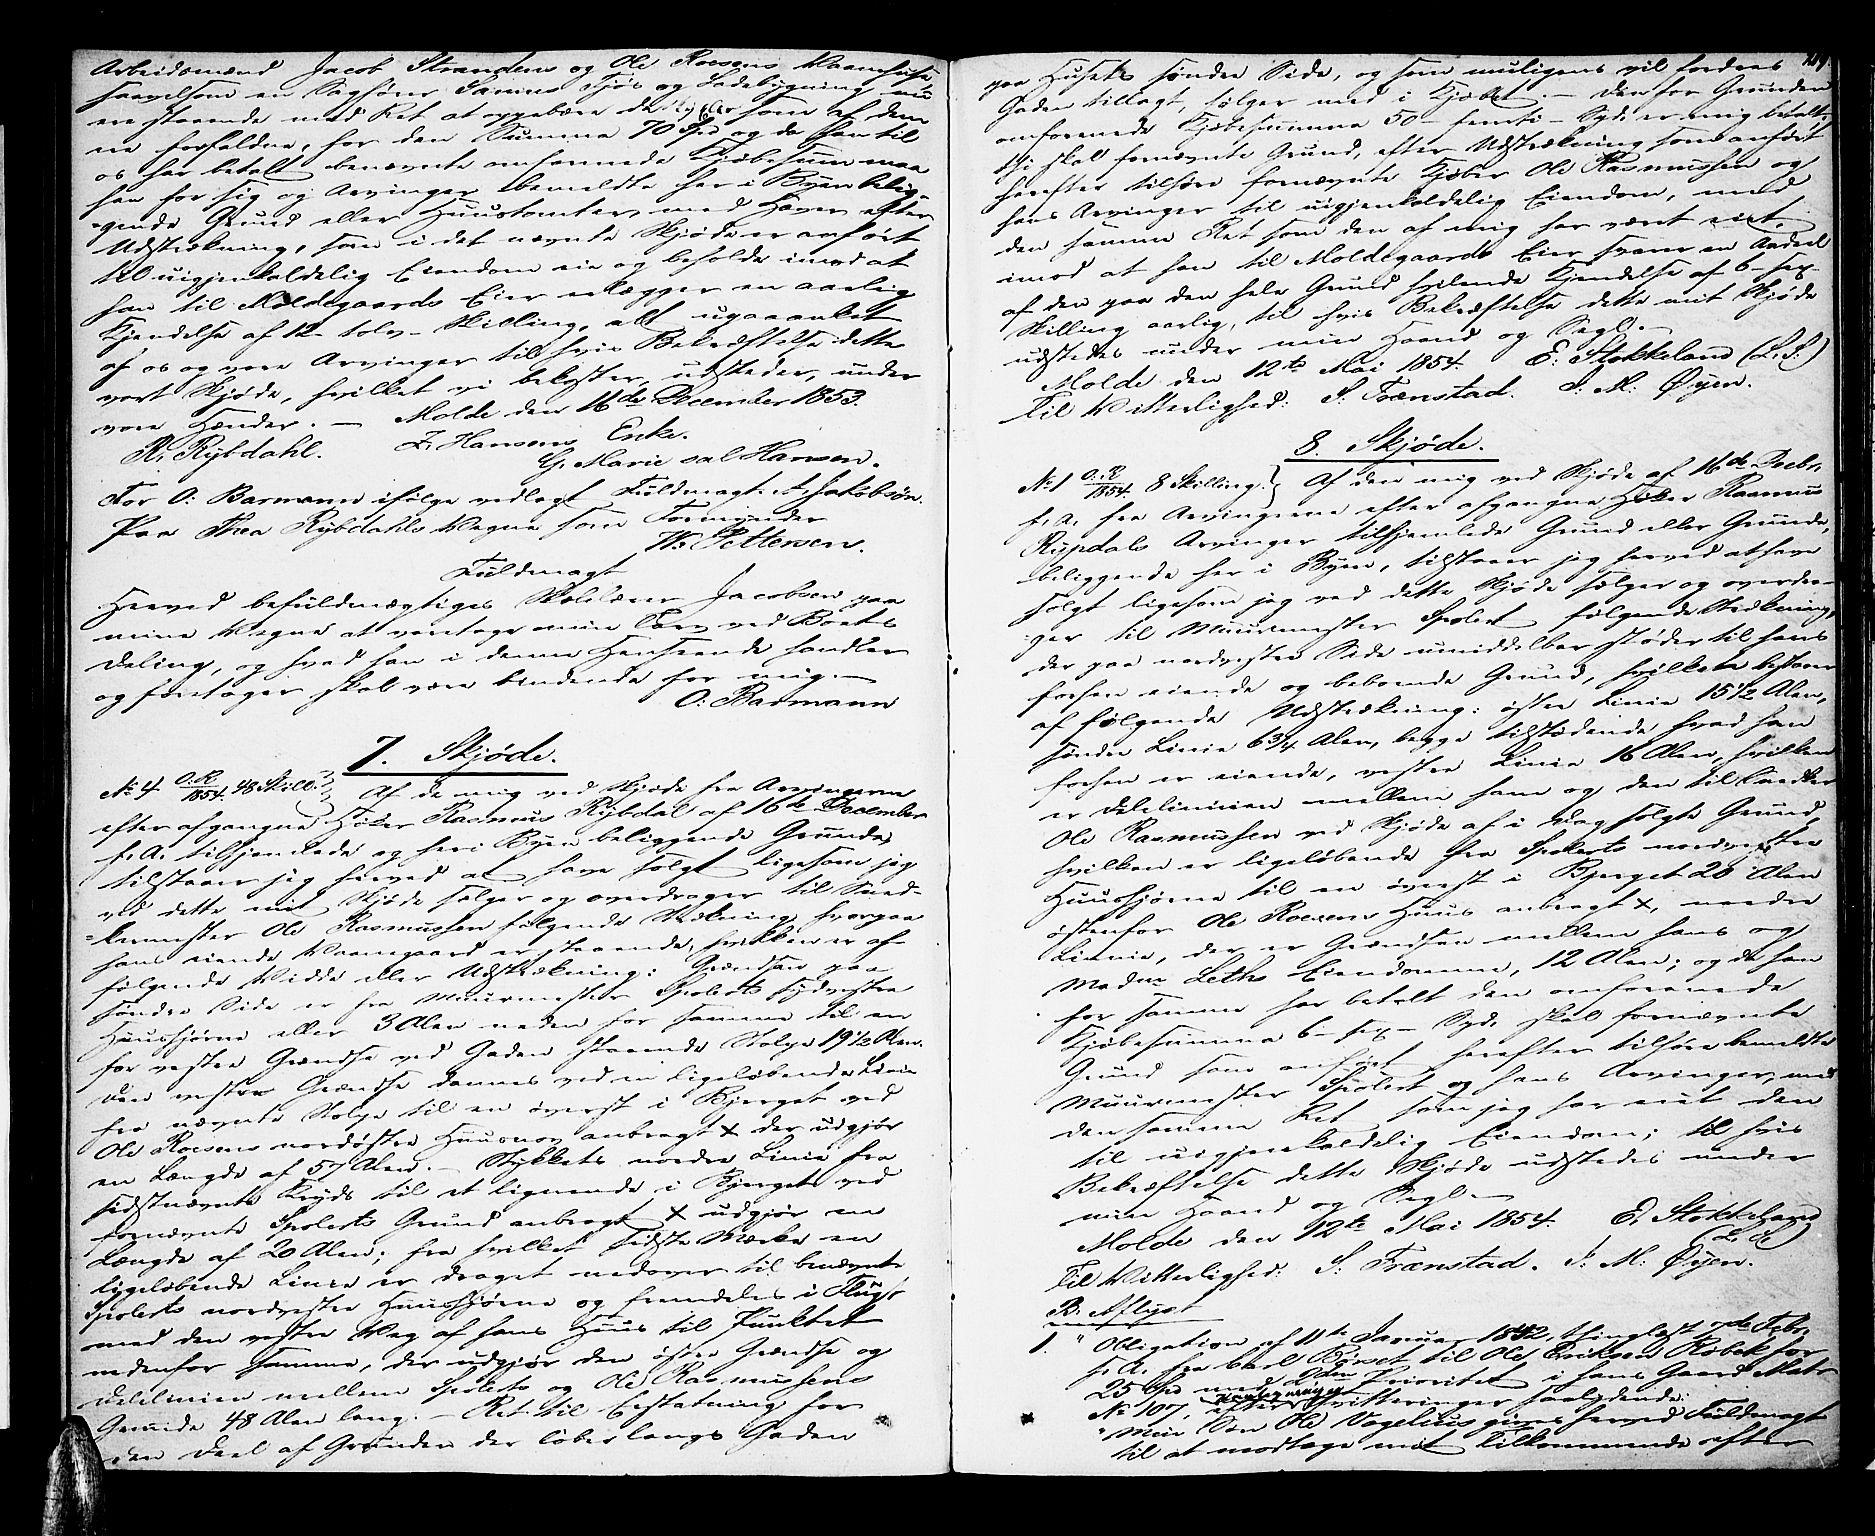 SAT, Molde byfogd, 2/2C/L0003: Pantebok nr. 3, 1844-1858, s. 219